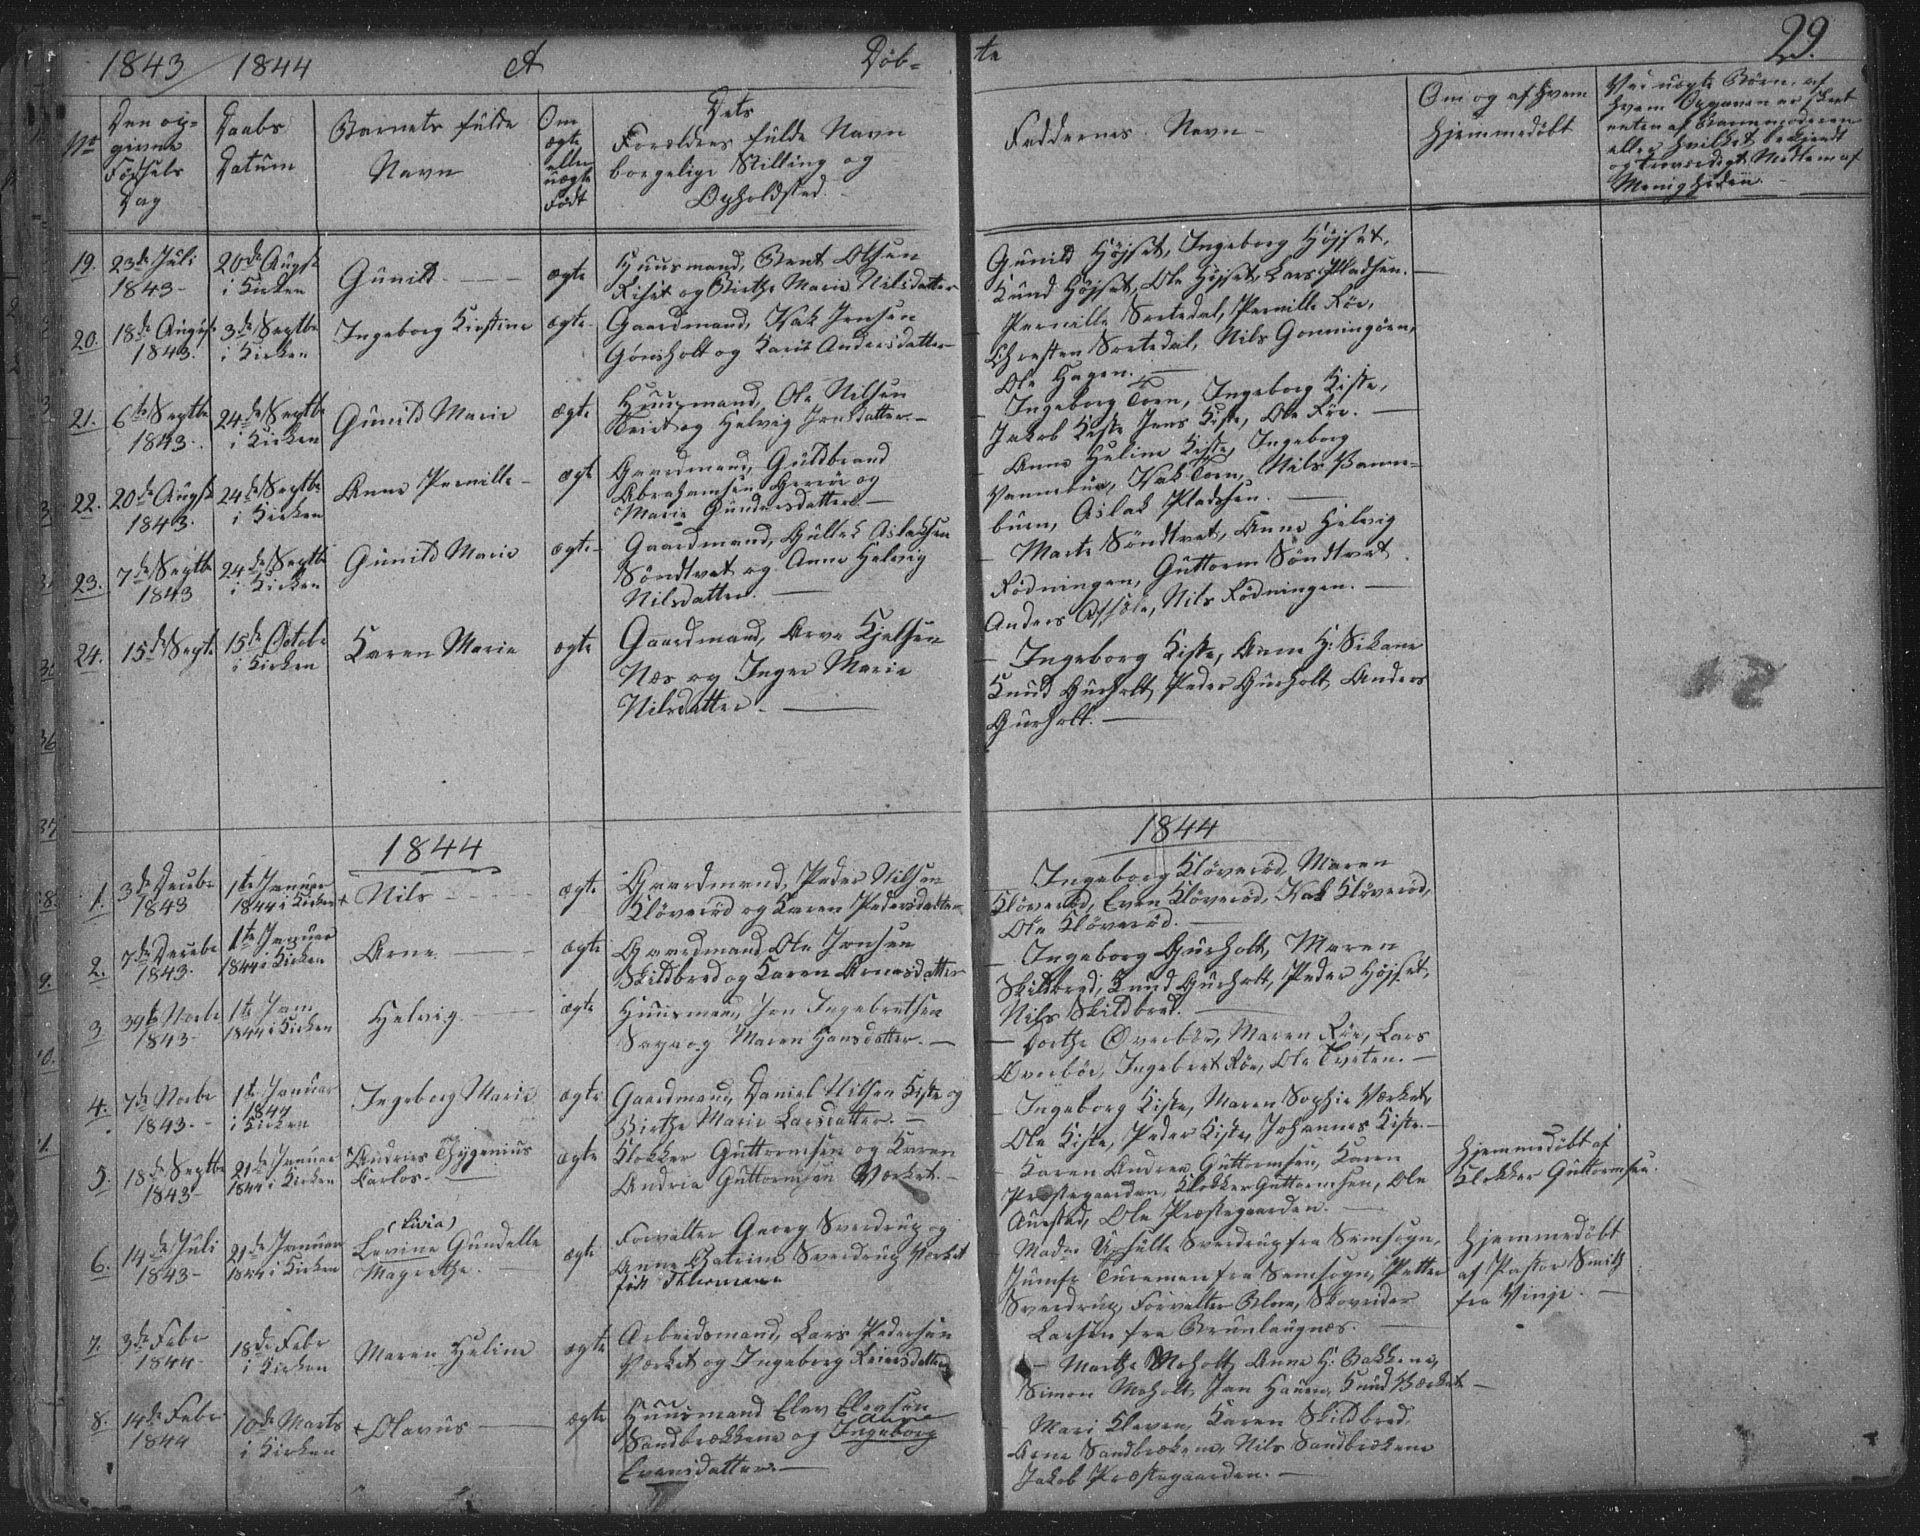 SAKO, Siljan kirkebøker, F/Fa/L0001: Ministerialbok nr. 1, 1831-1870, s. 29